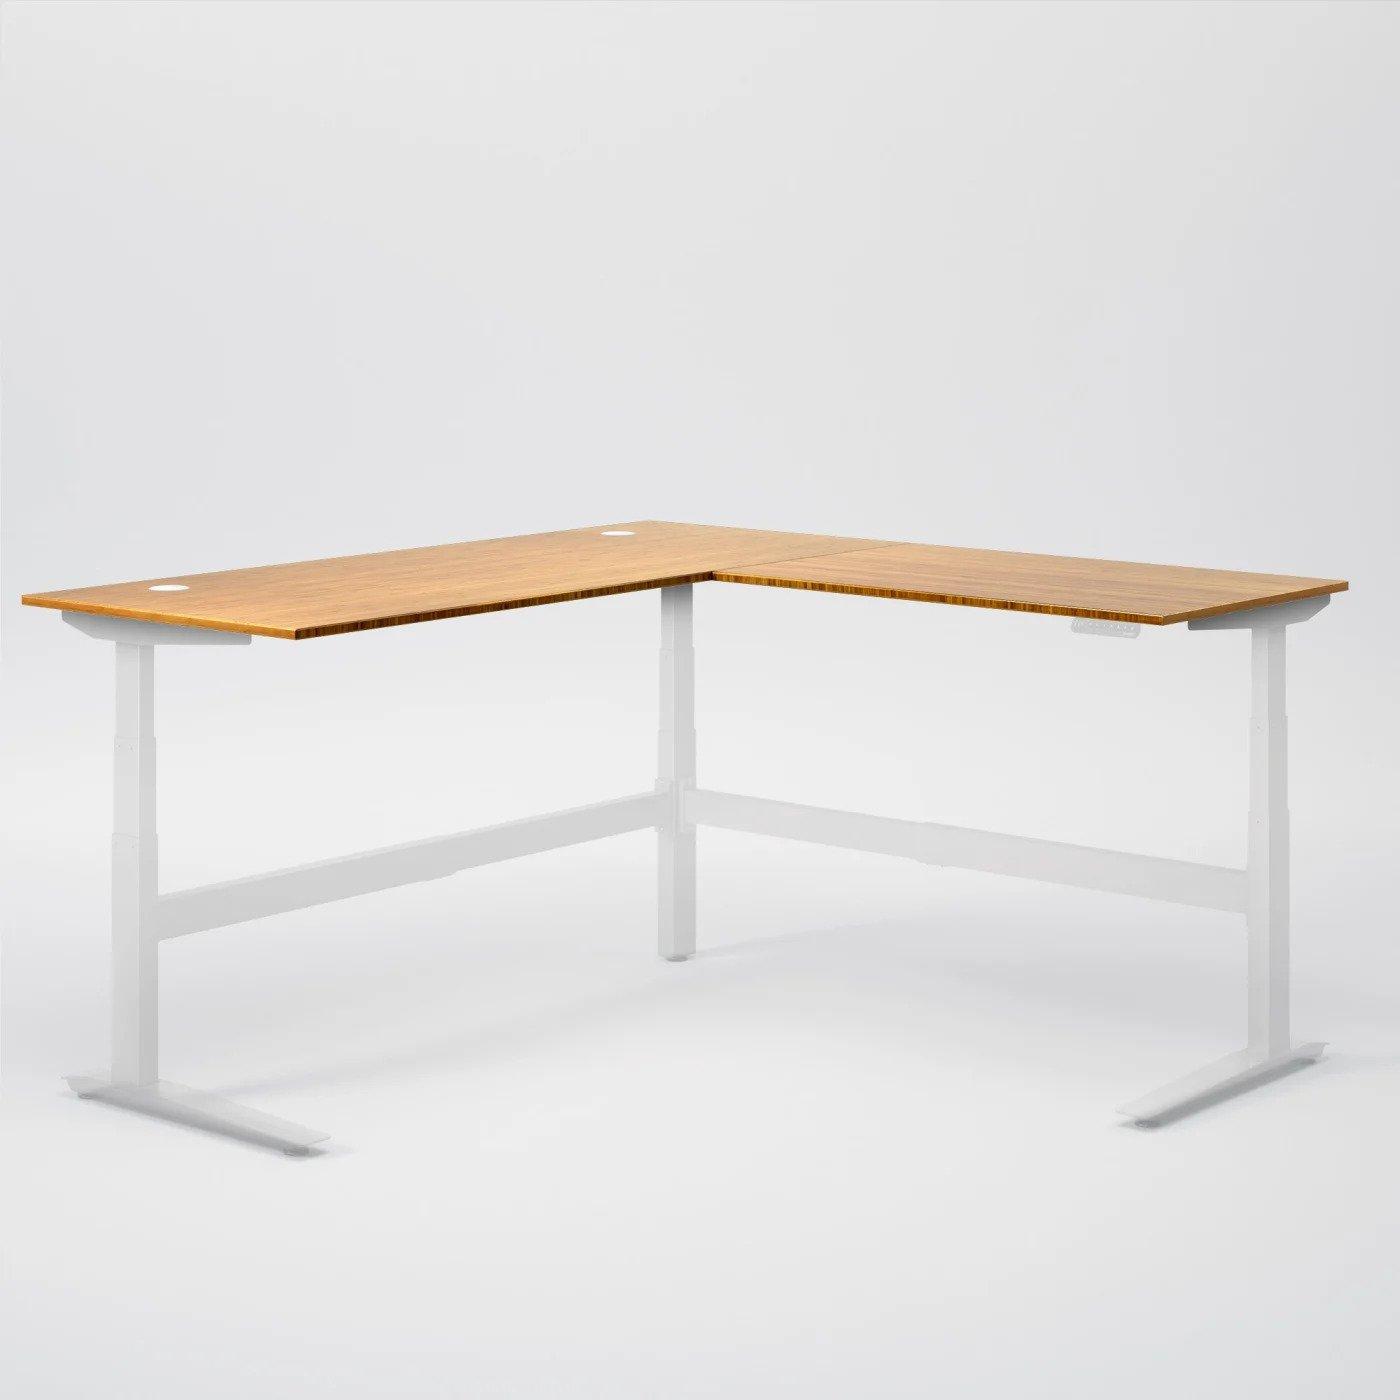 Jarvis L shaped standing desk